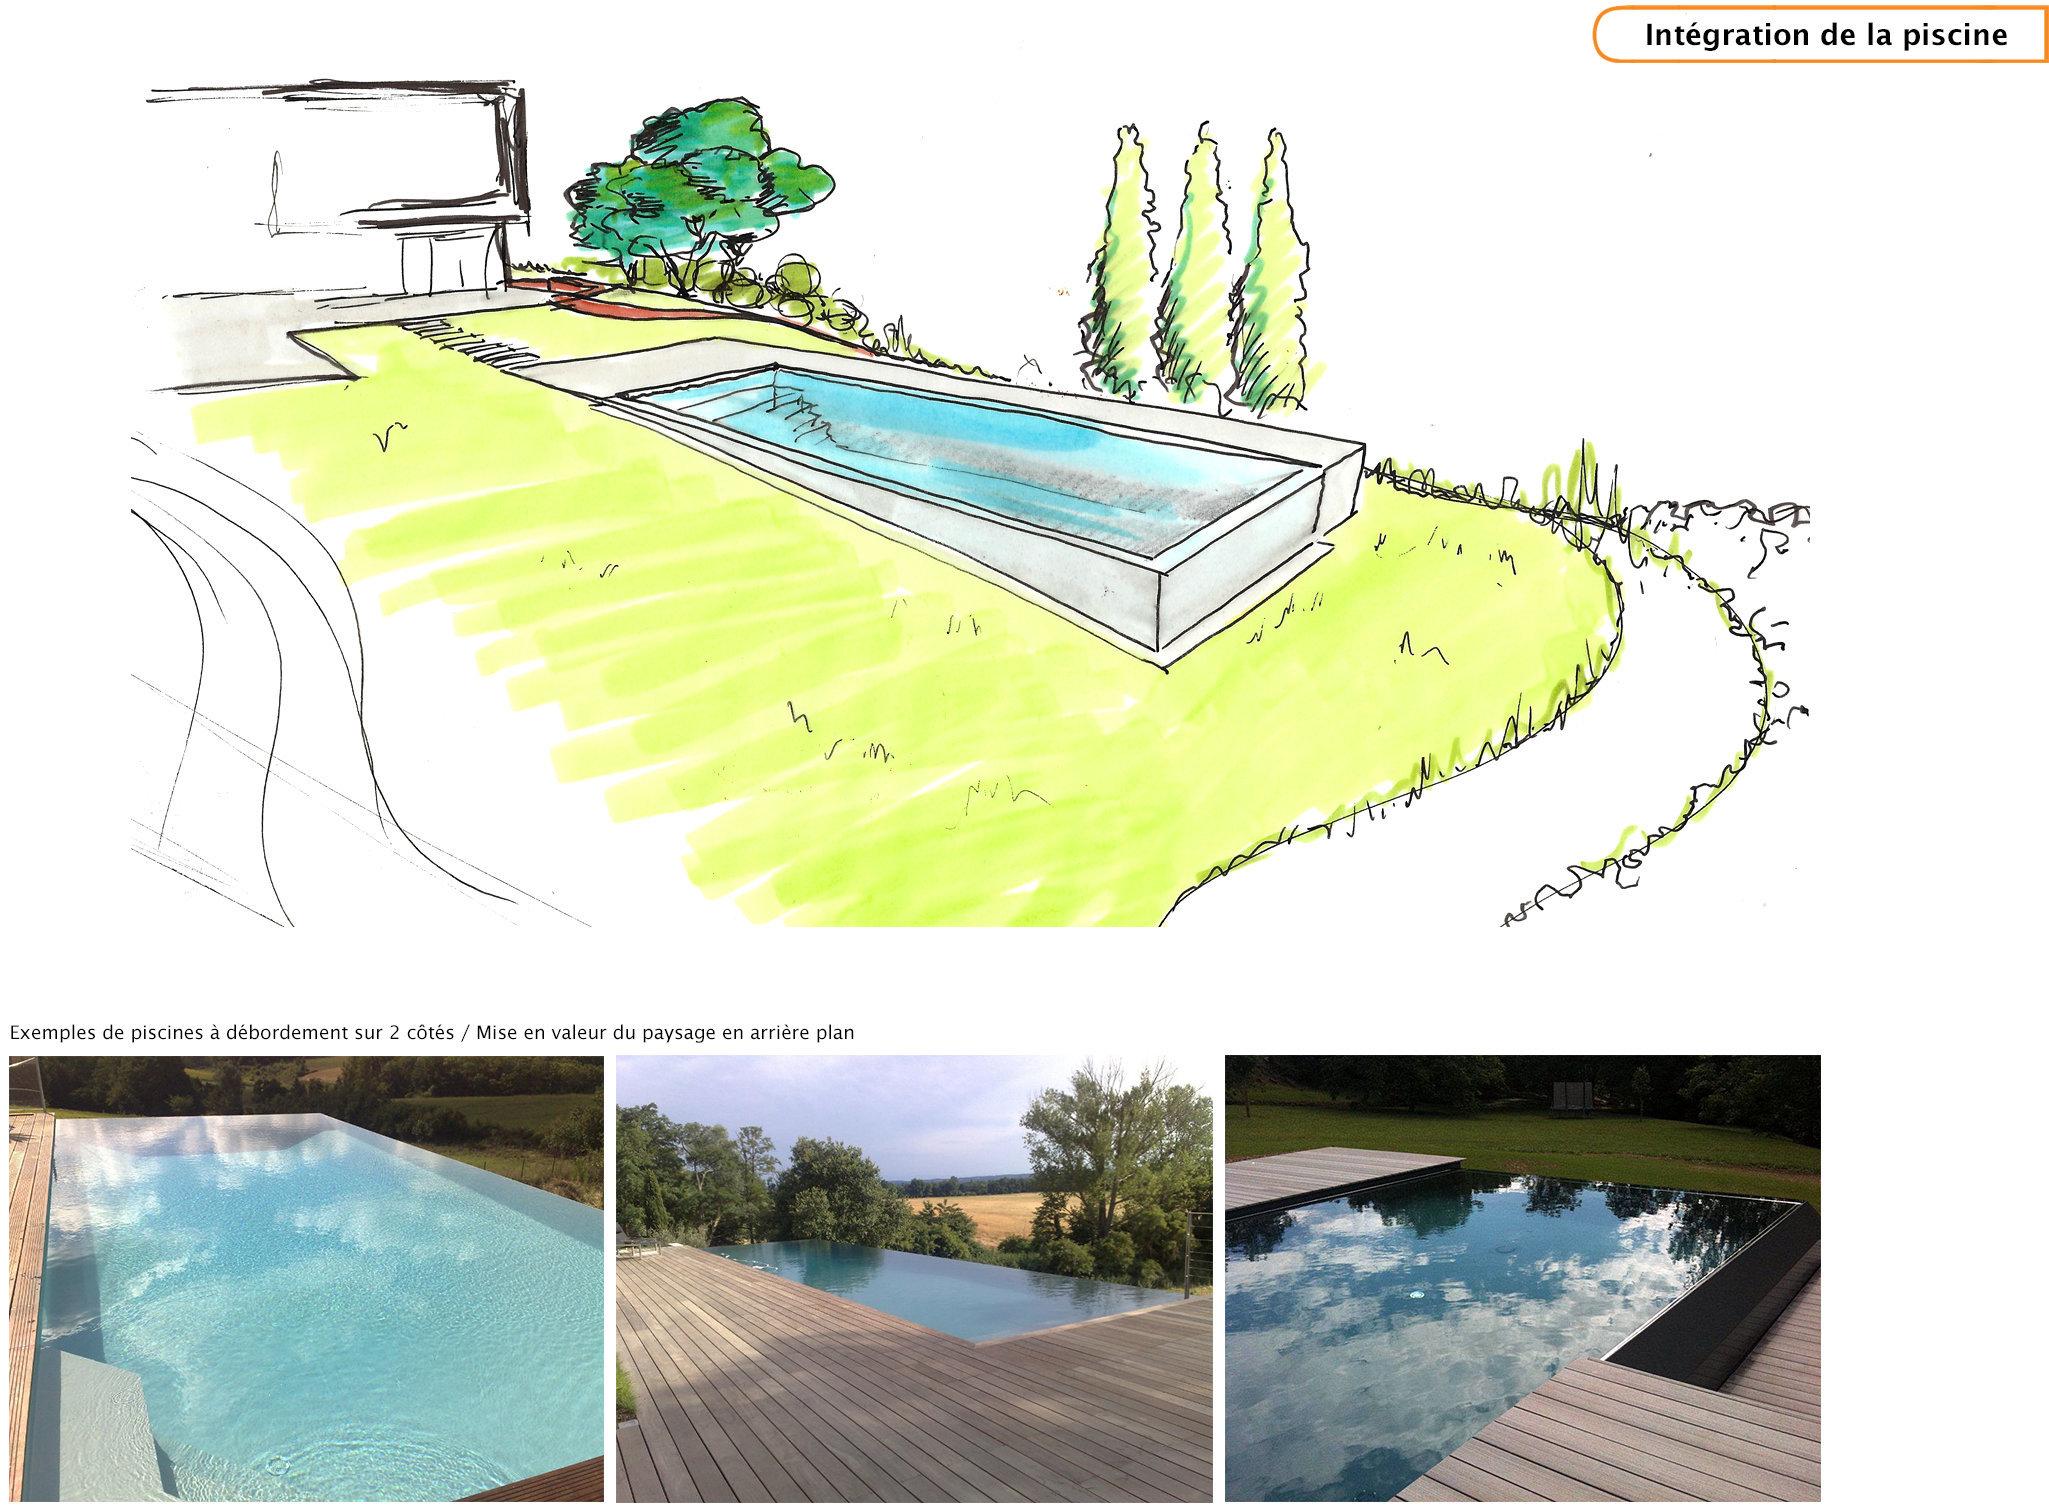 principe piscine.jpg